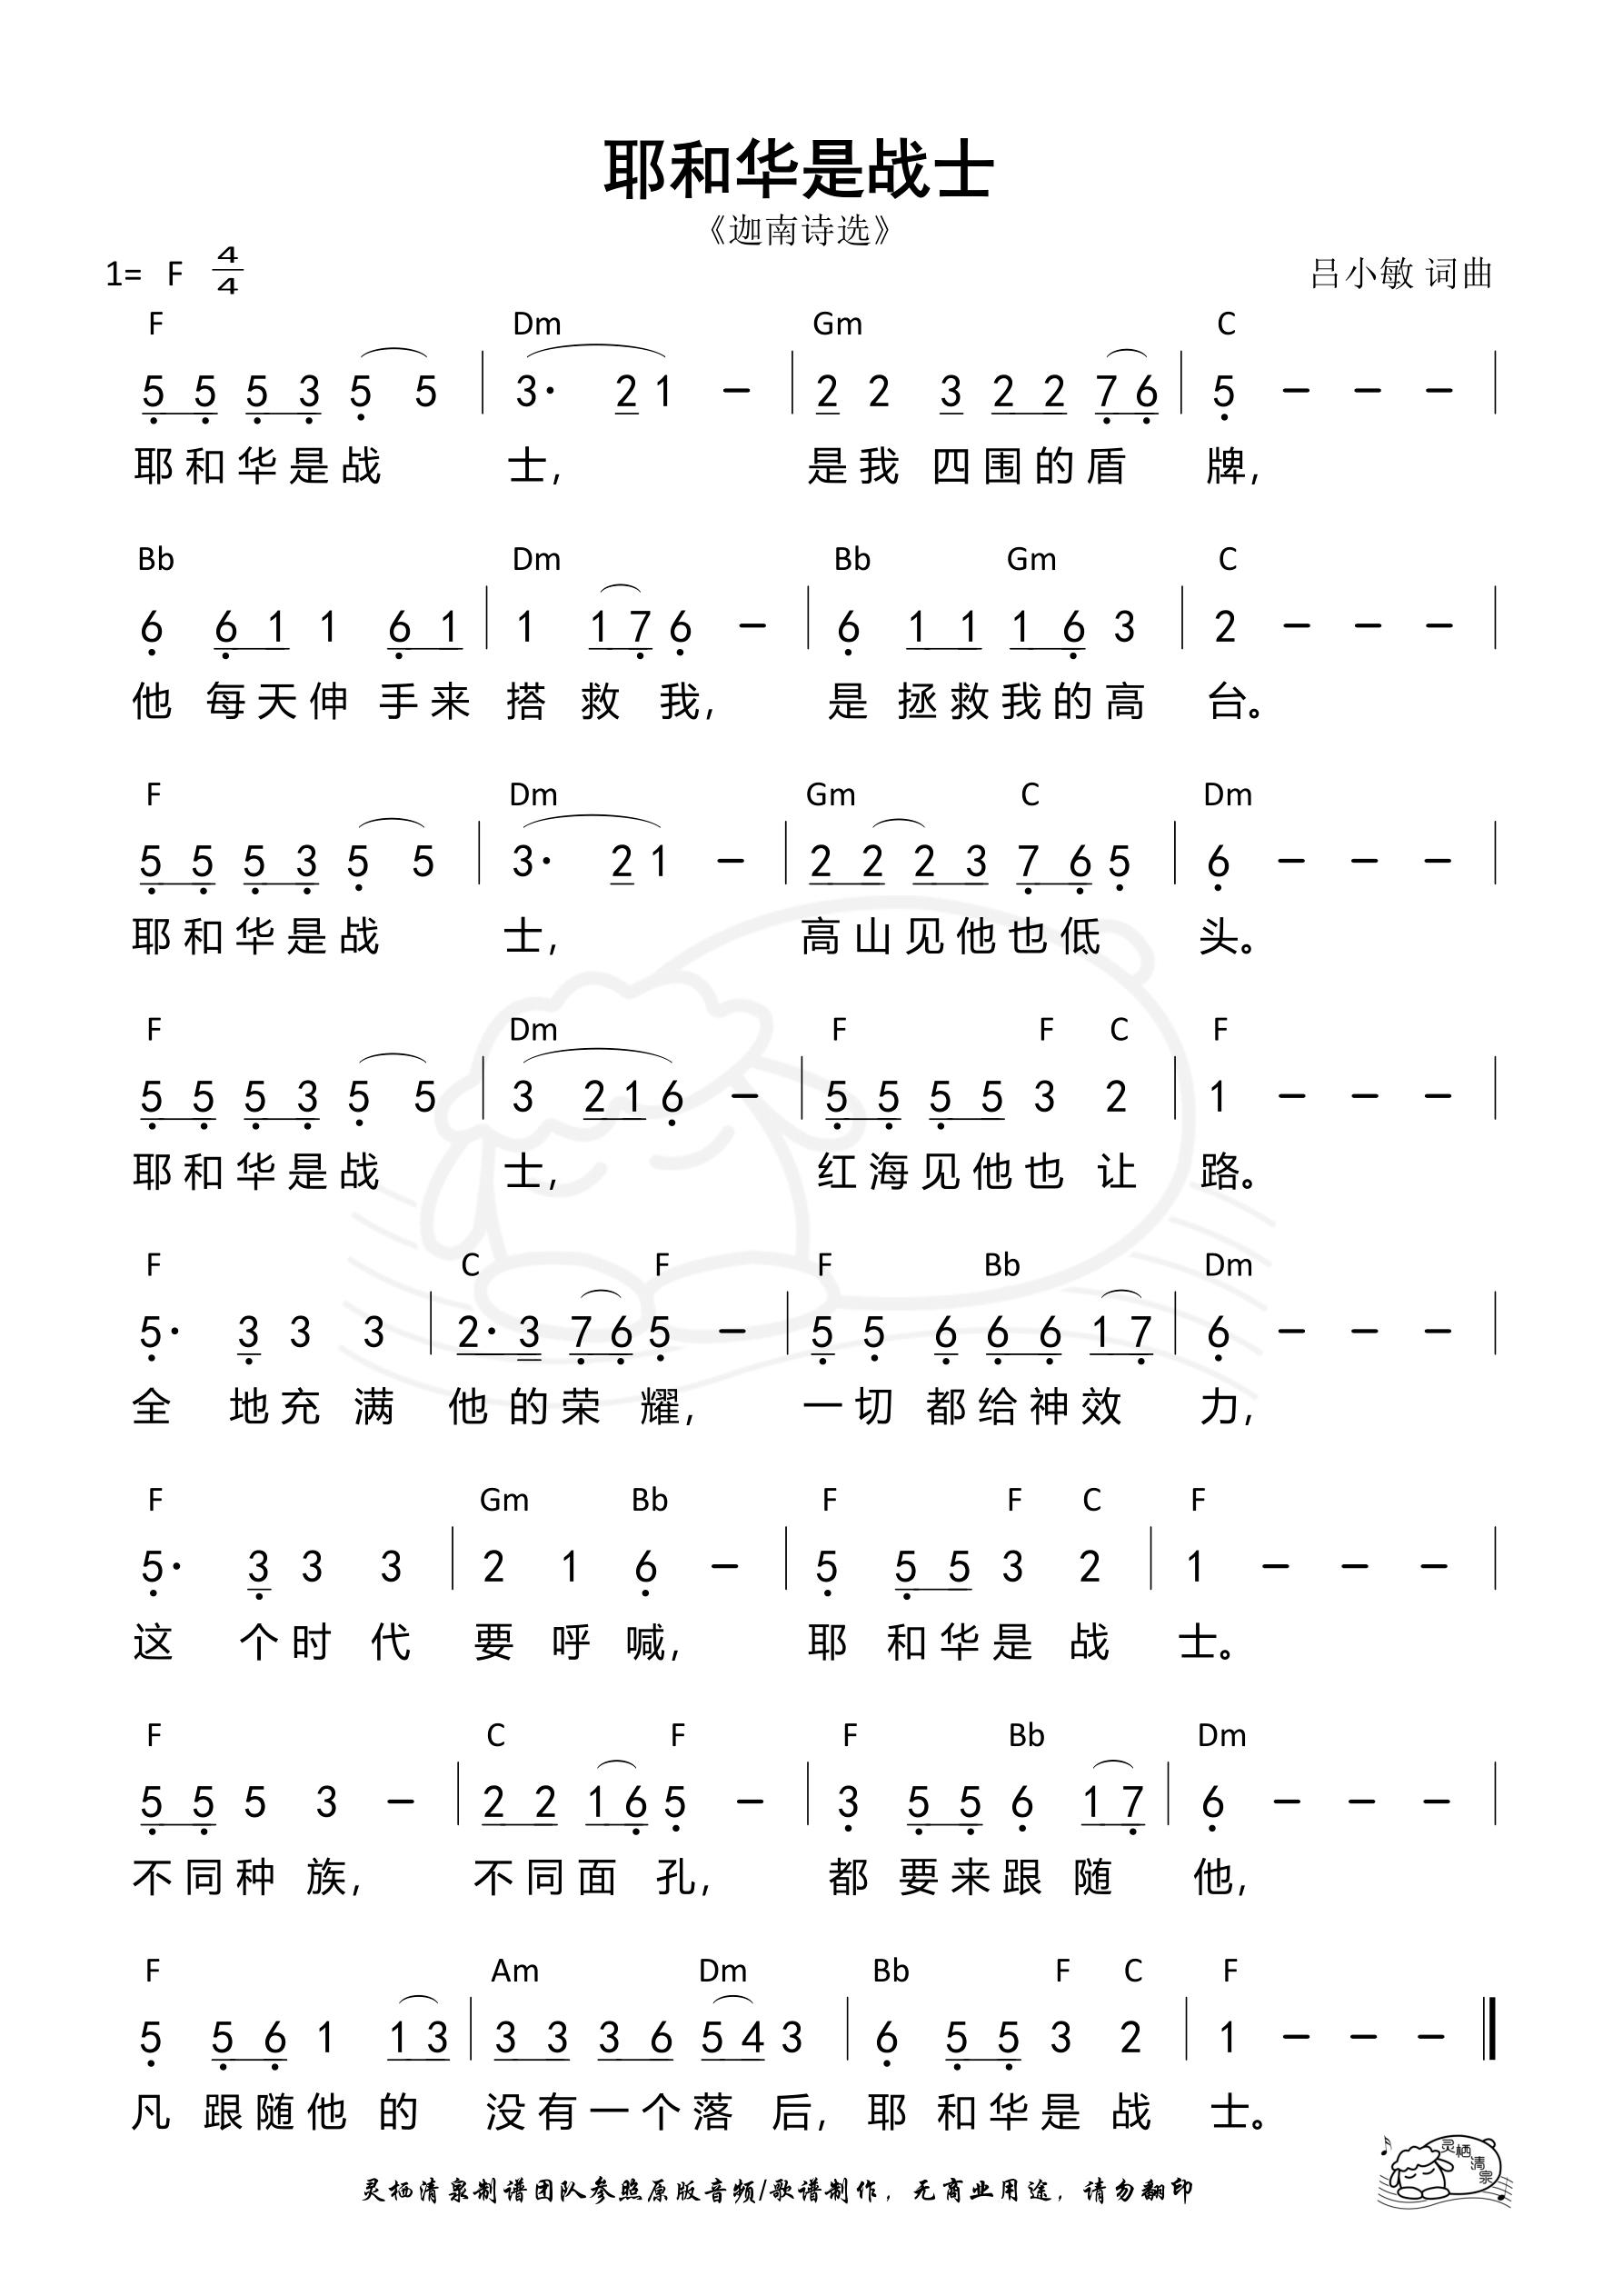 《第846首 - 耶和华是战士(迦南诗选)和弦简谱》